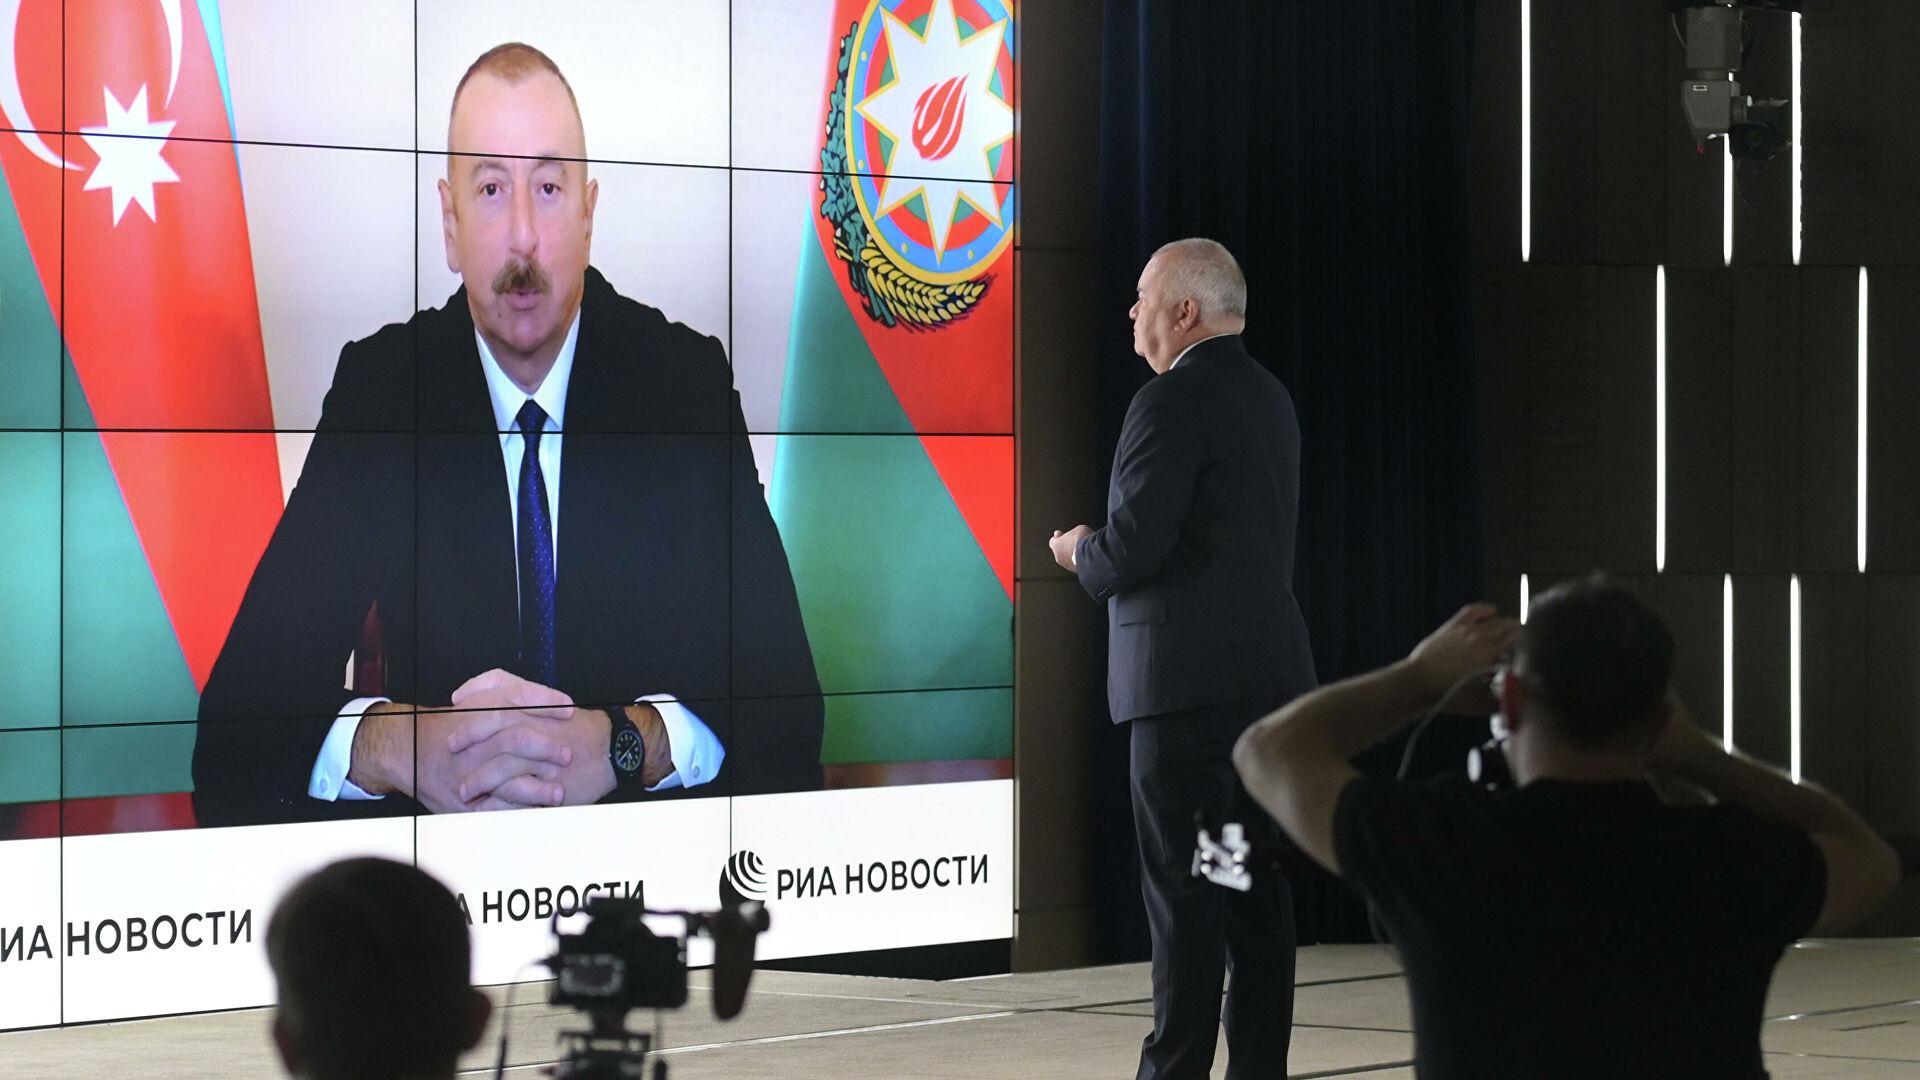 Алијев: Азербејџан ни под којим условима неће дати сагласност за независност Нагорно-Карабаха